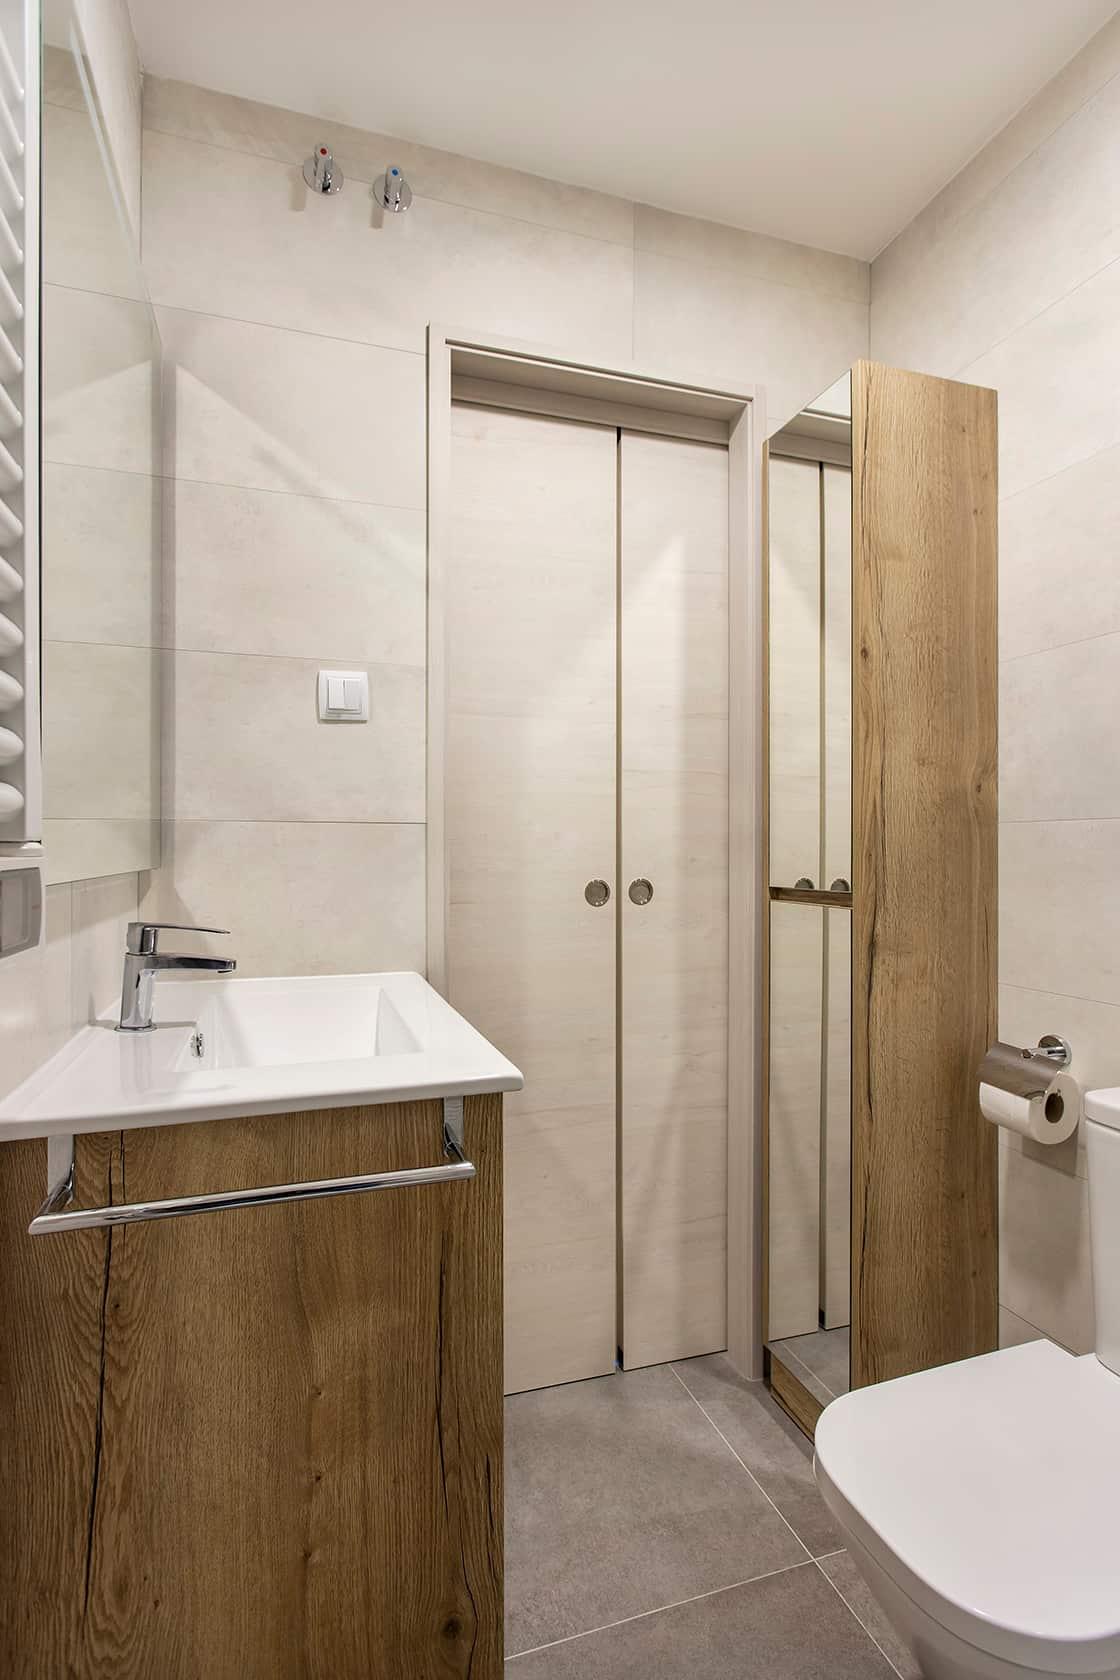 baño reformado en madera